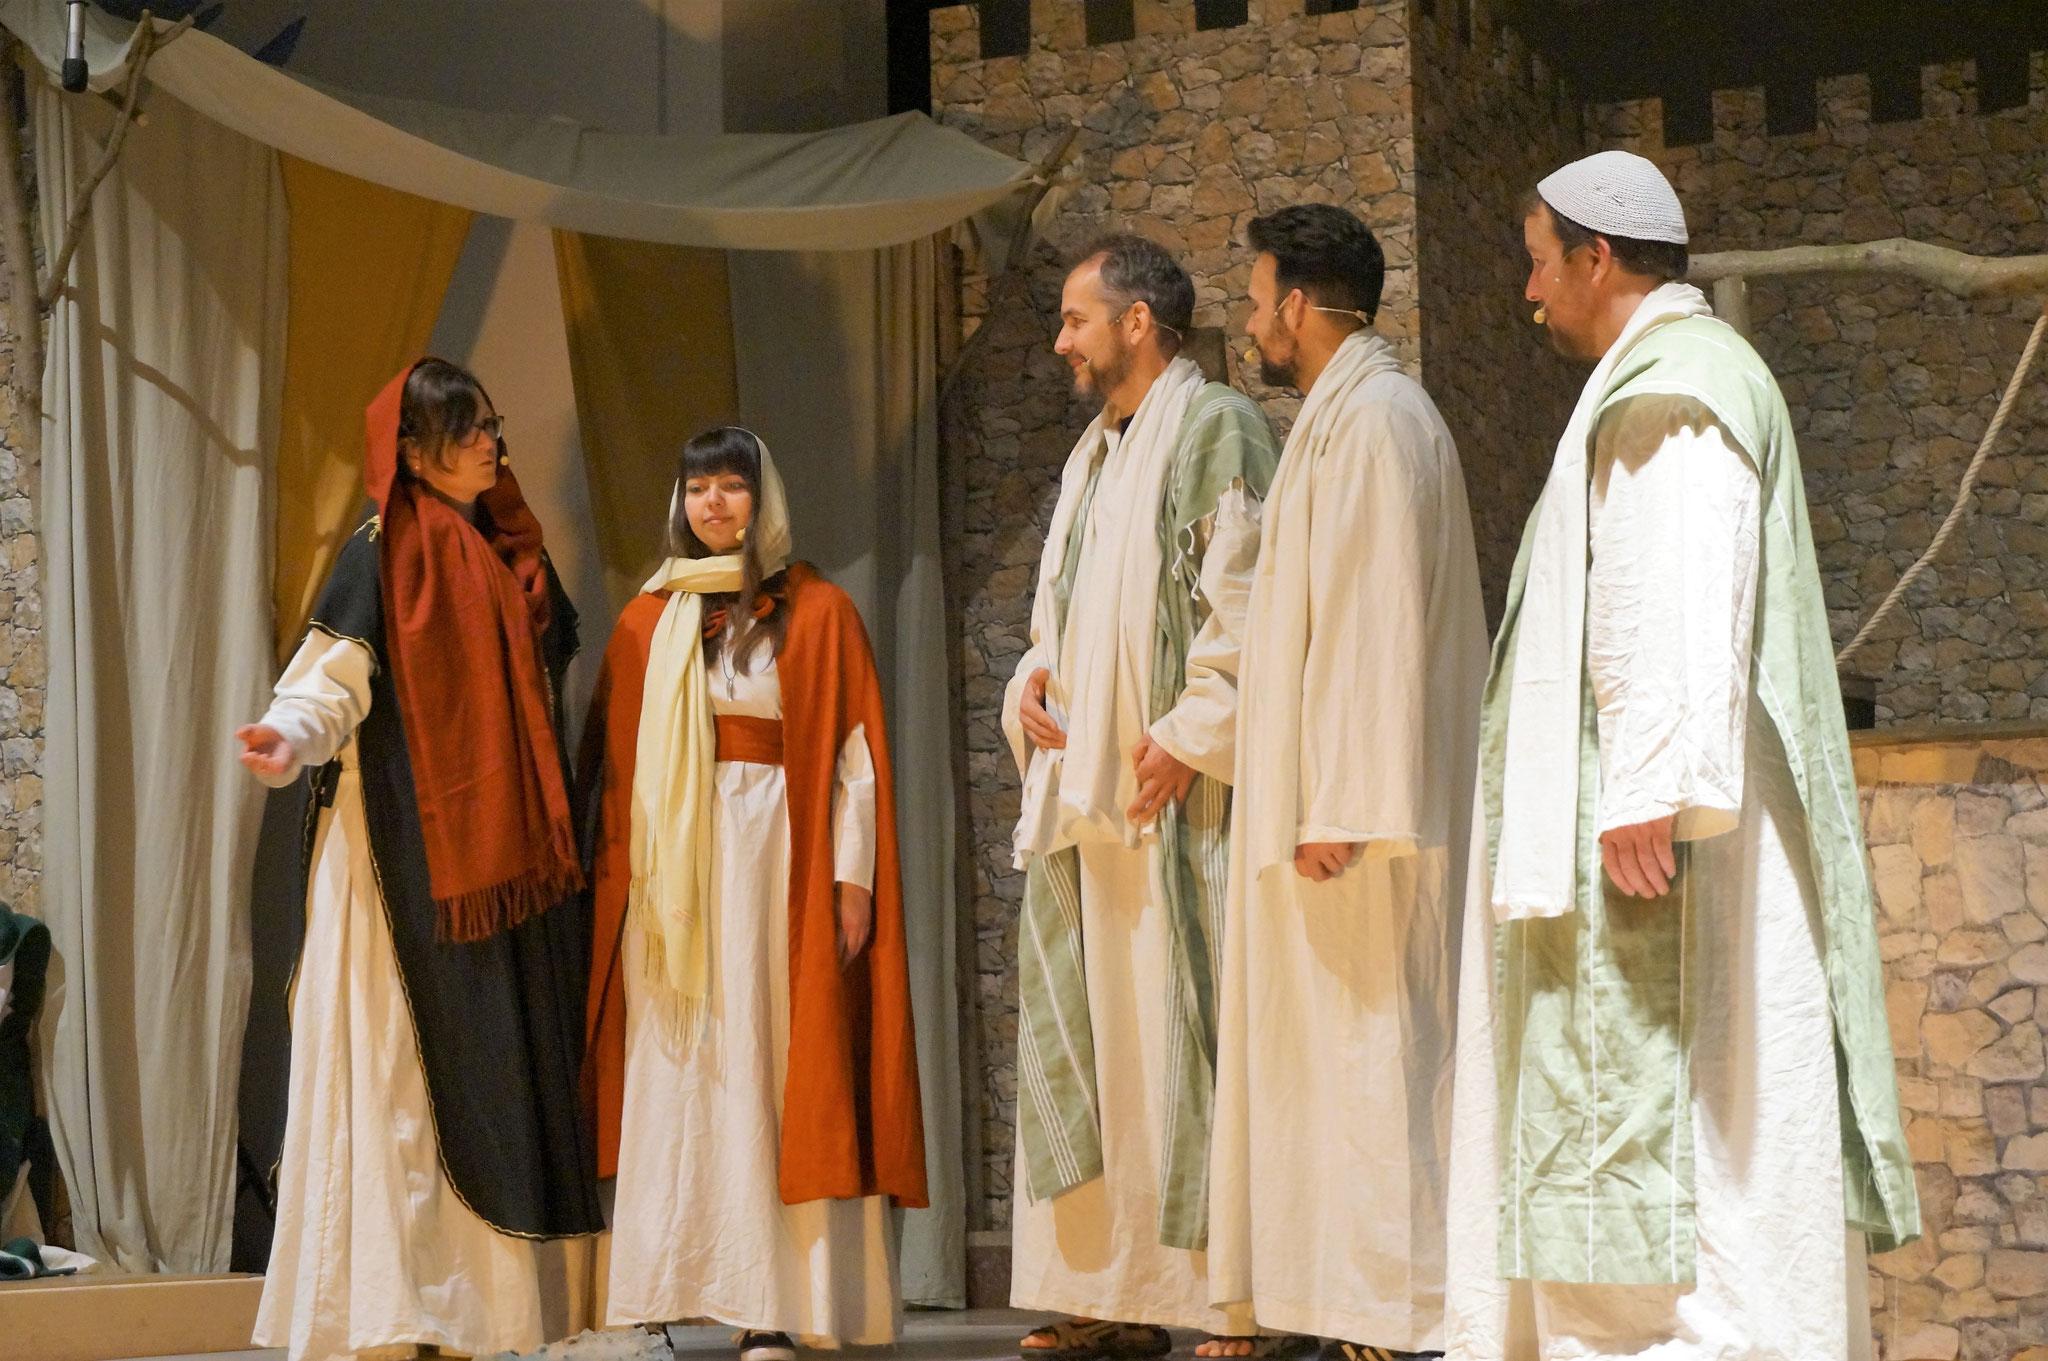 Lydia (Martina Aust), Heraklia (Sabrina Nottelmann) mit Paulus , Thimoteus und Silas